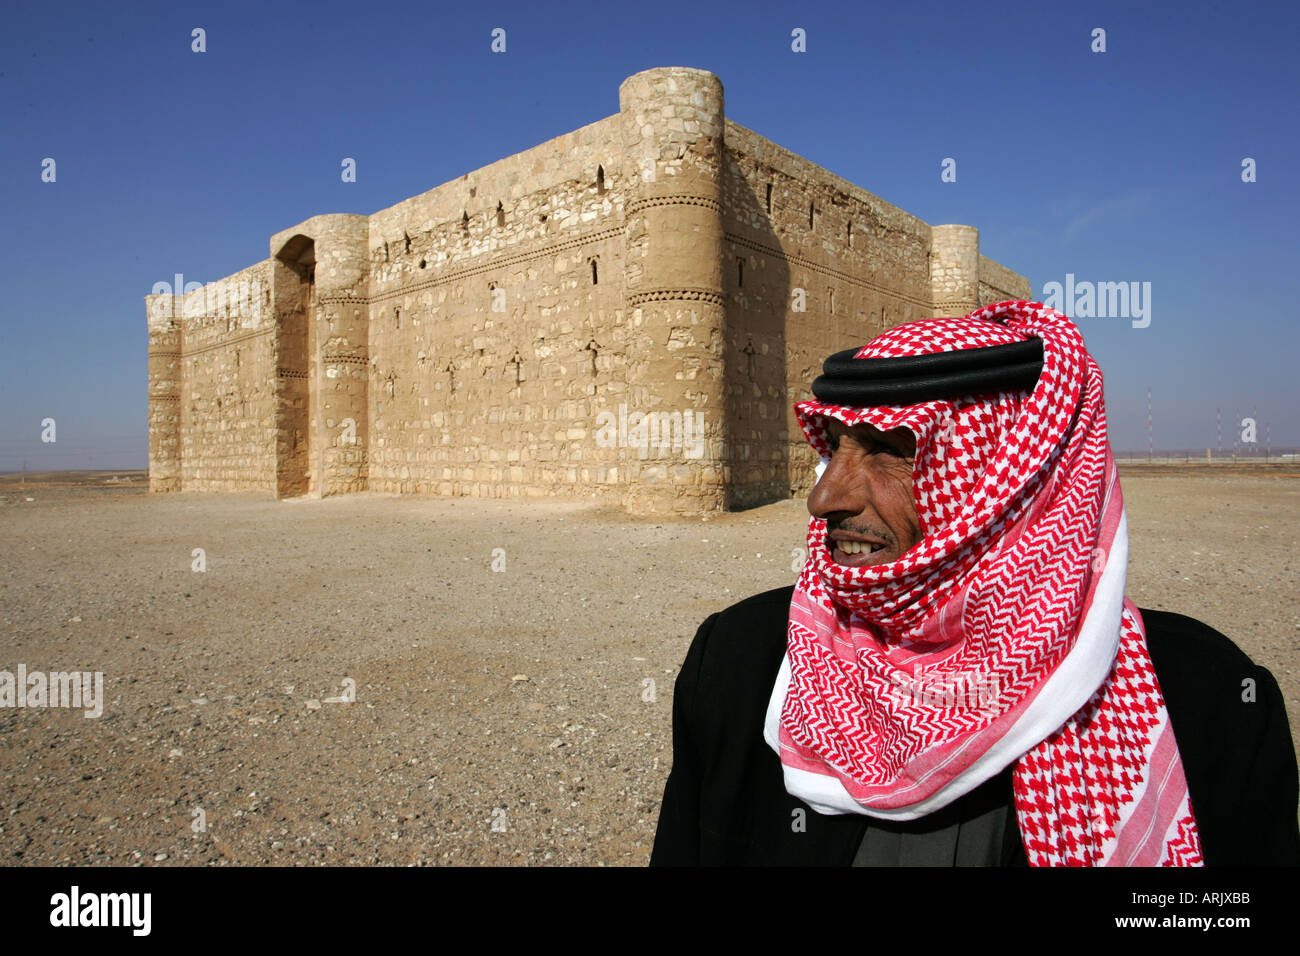 JOR, Jordanie: Guard homme du désert château Qasr al-Kharana, caravansery de 710 aC. dans le desert road 40. Photo Stock